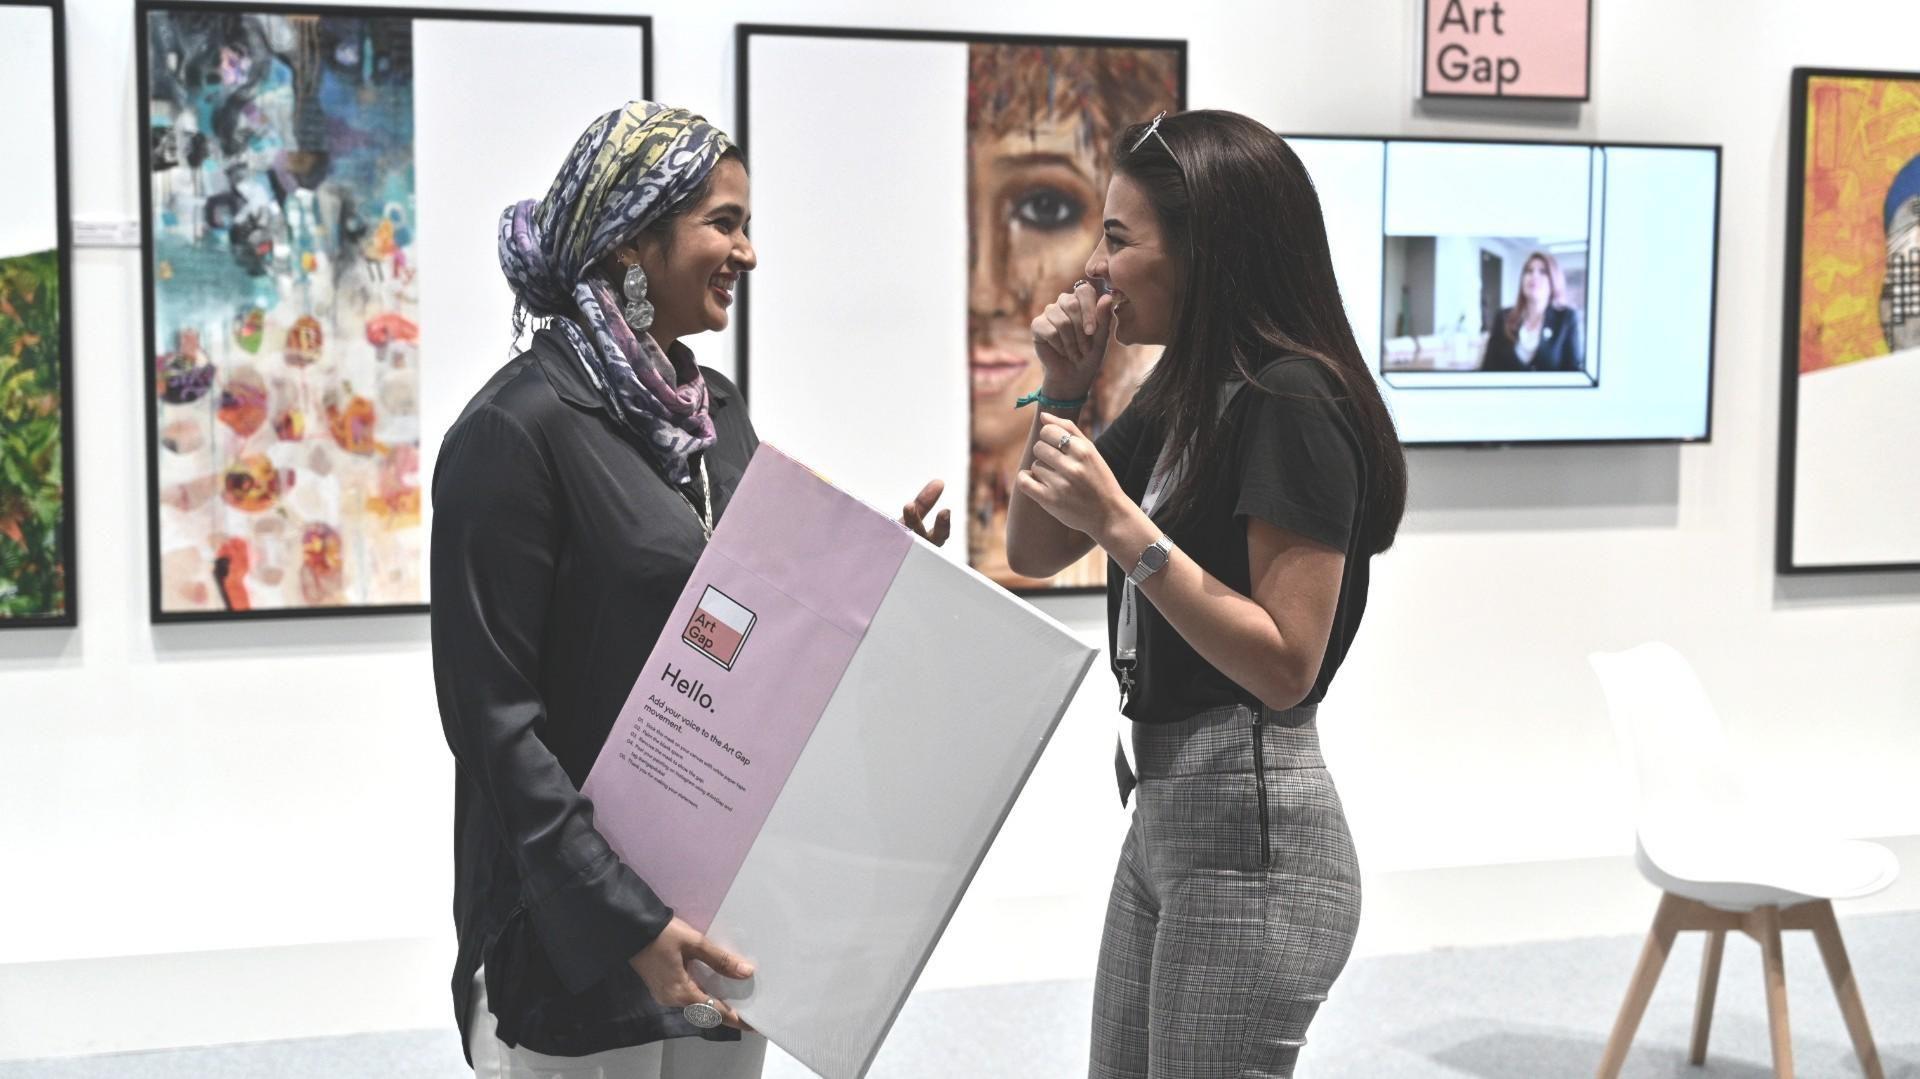 Art Gap By Standard Chartered World Art Dubai Diverse Affordable Original